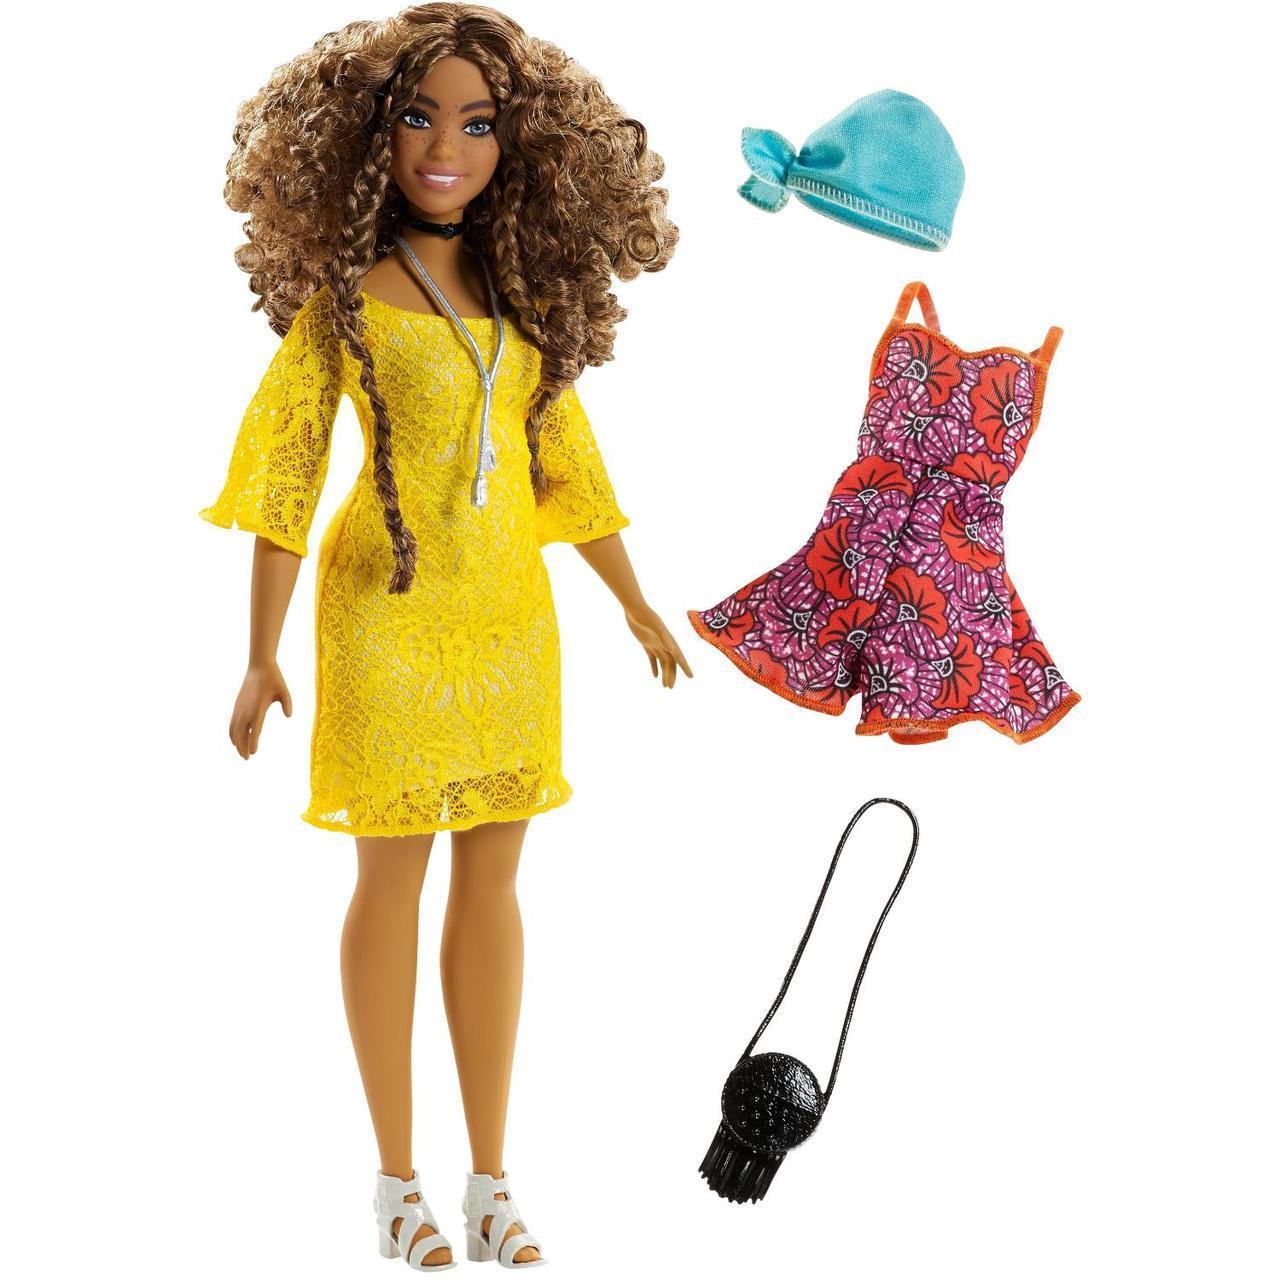 """Barbie """"Игра с модой"""" Кукла Барби в жёлтом платье #84 (Пышная)"""